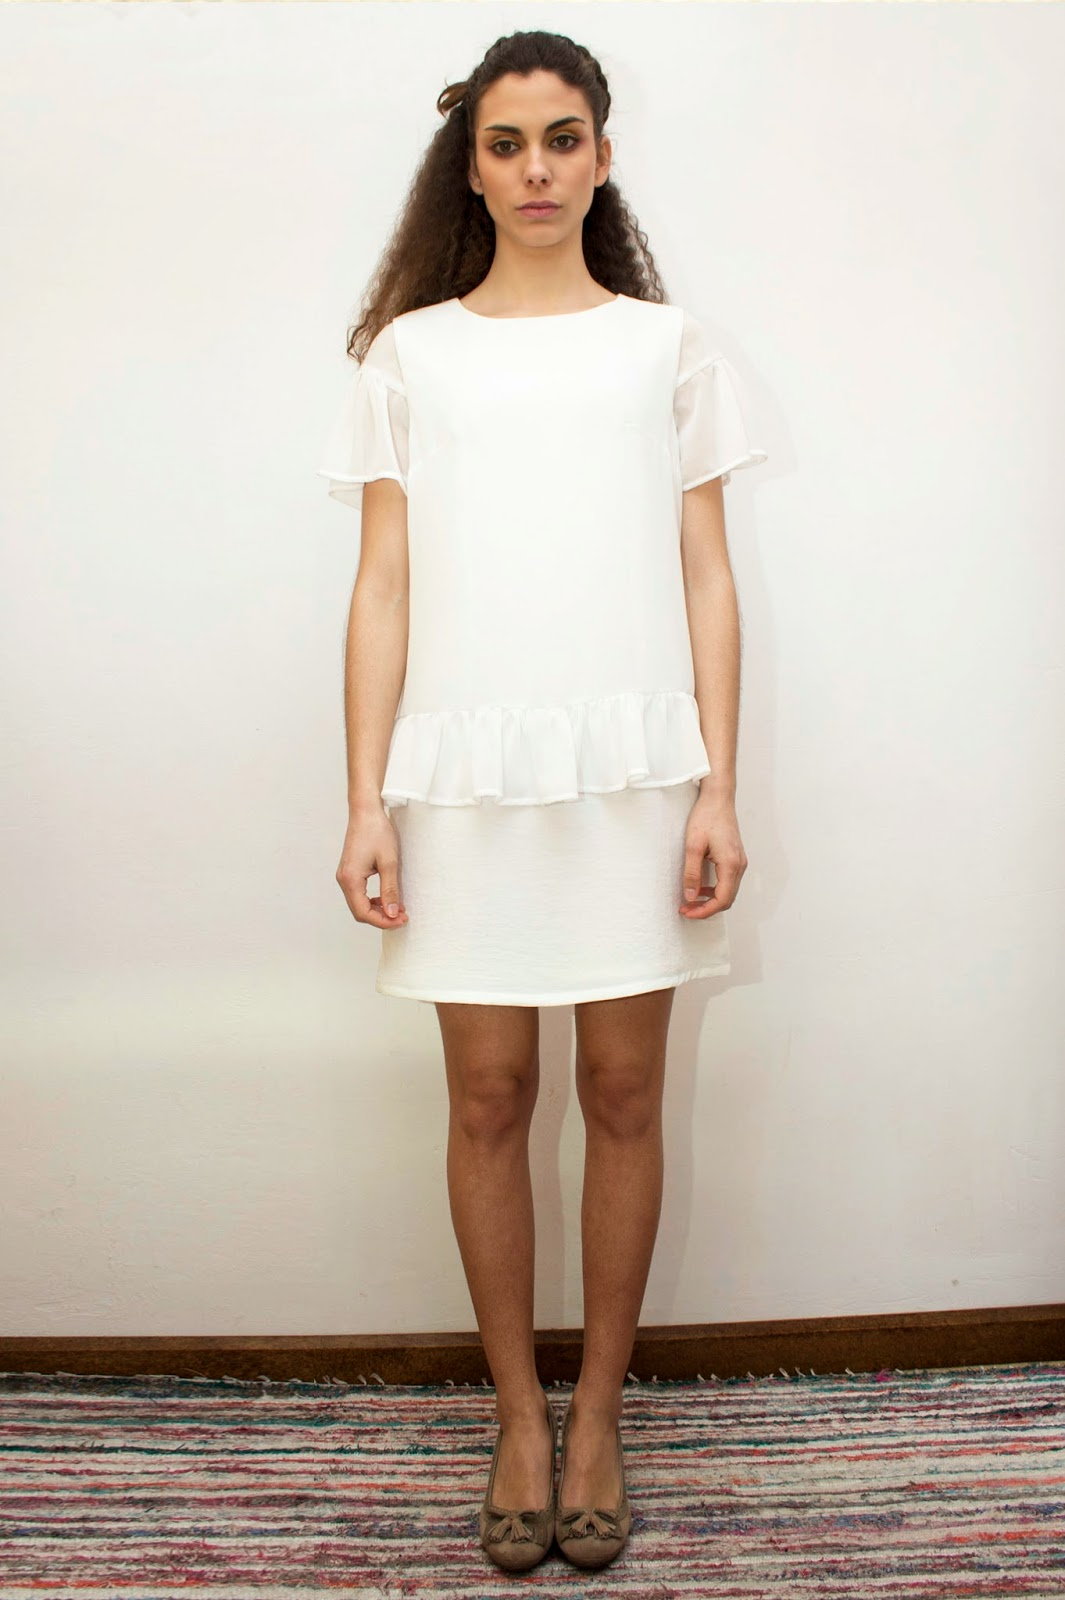 http://labocoqueshop.bigcartel.com/product/vestido-bazille#.U20N9KK1vA4